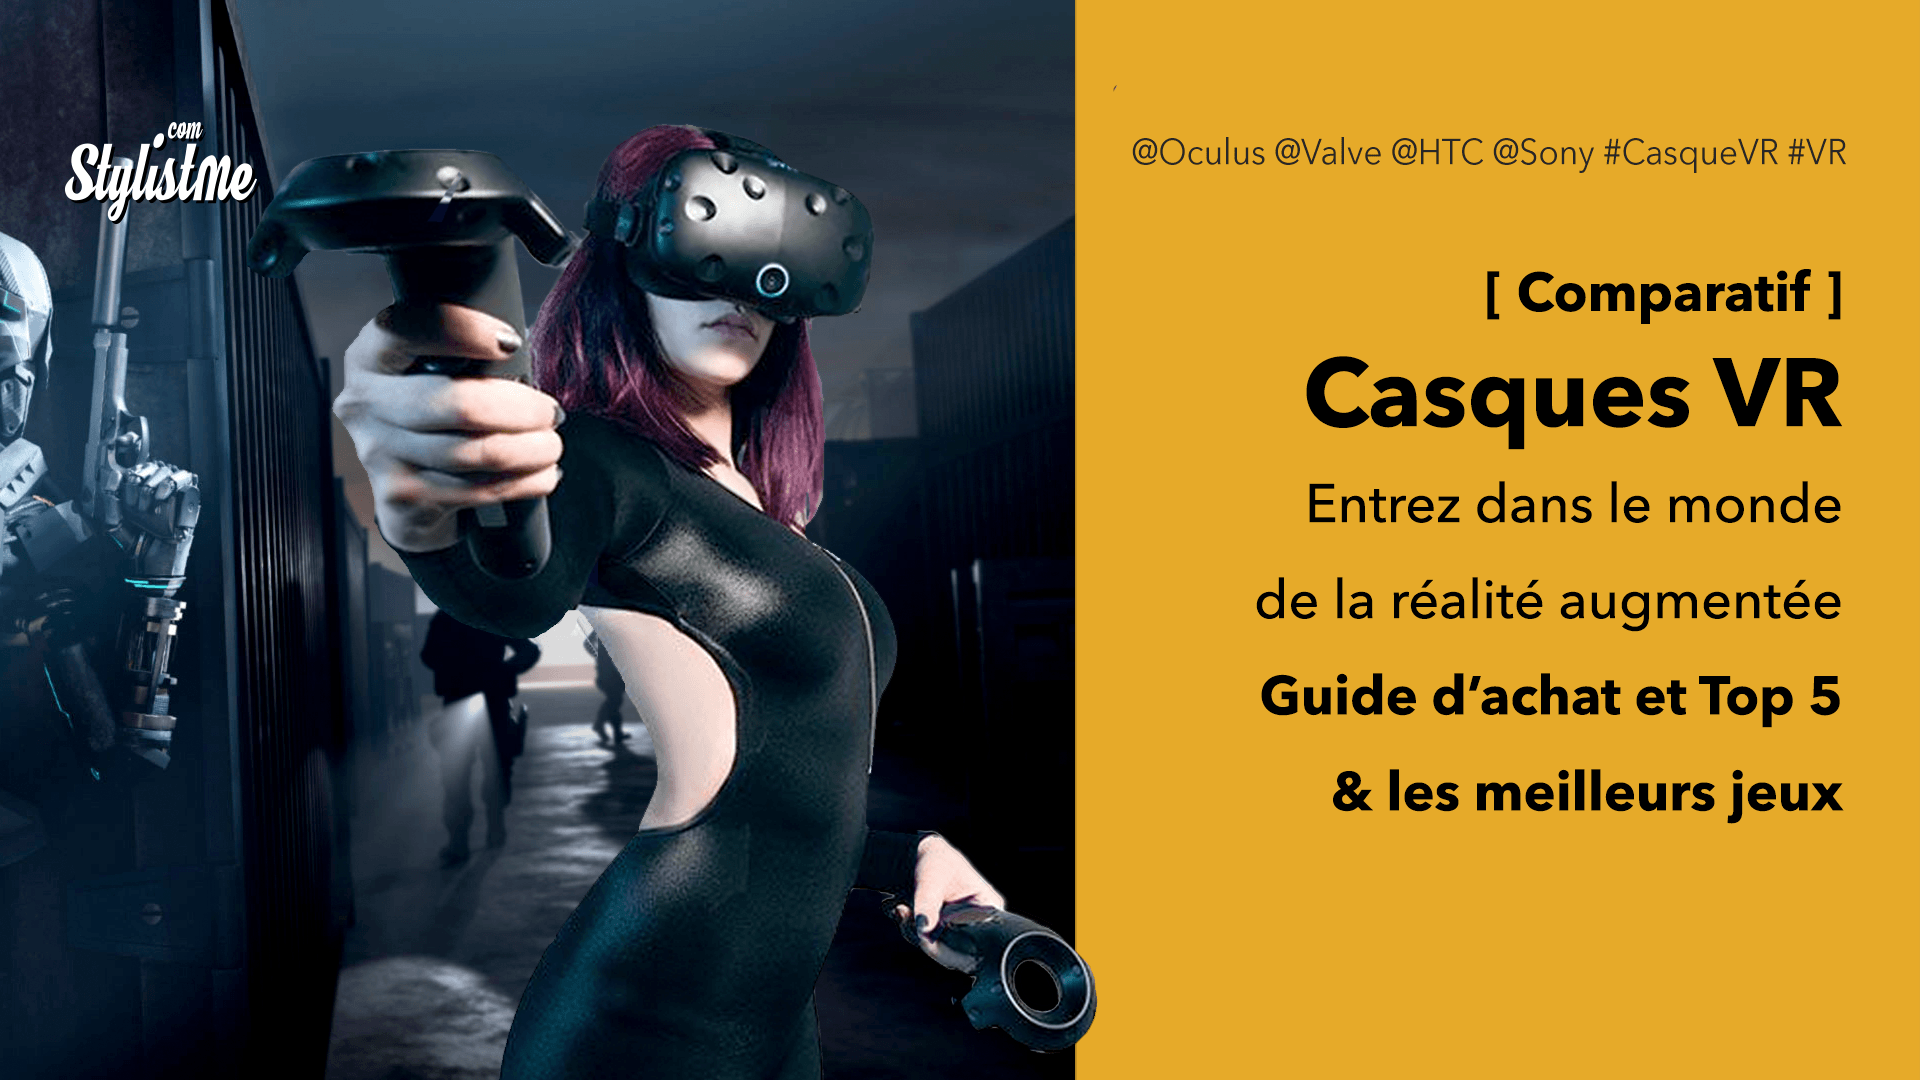 meilleur casque VR comparatif réalité virtuelle